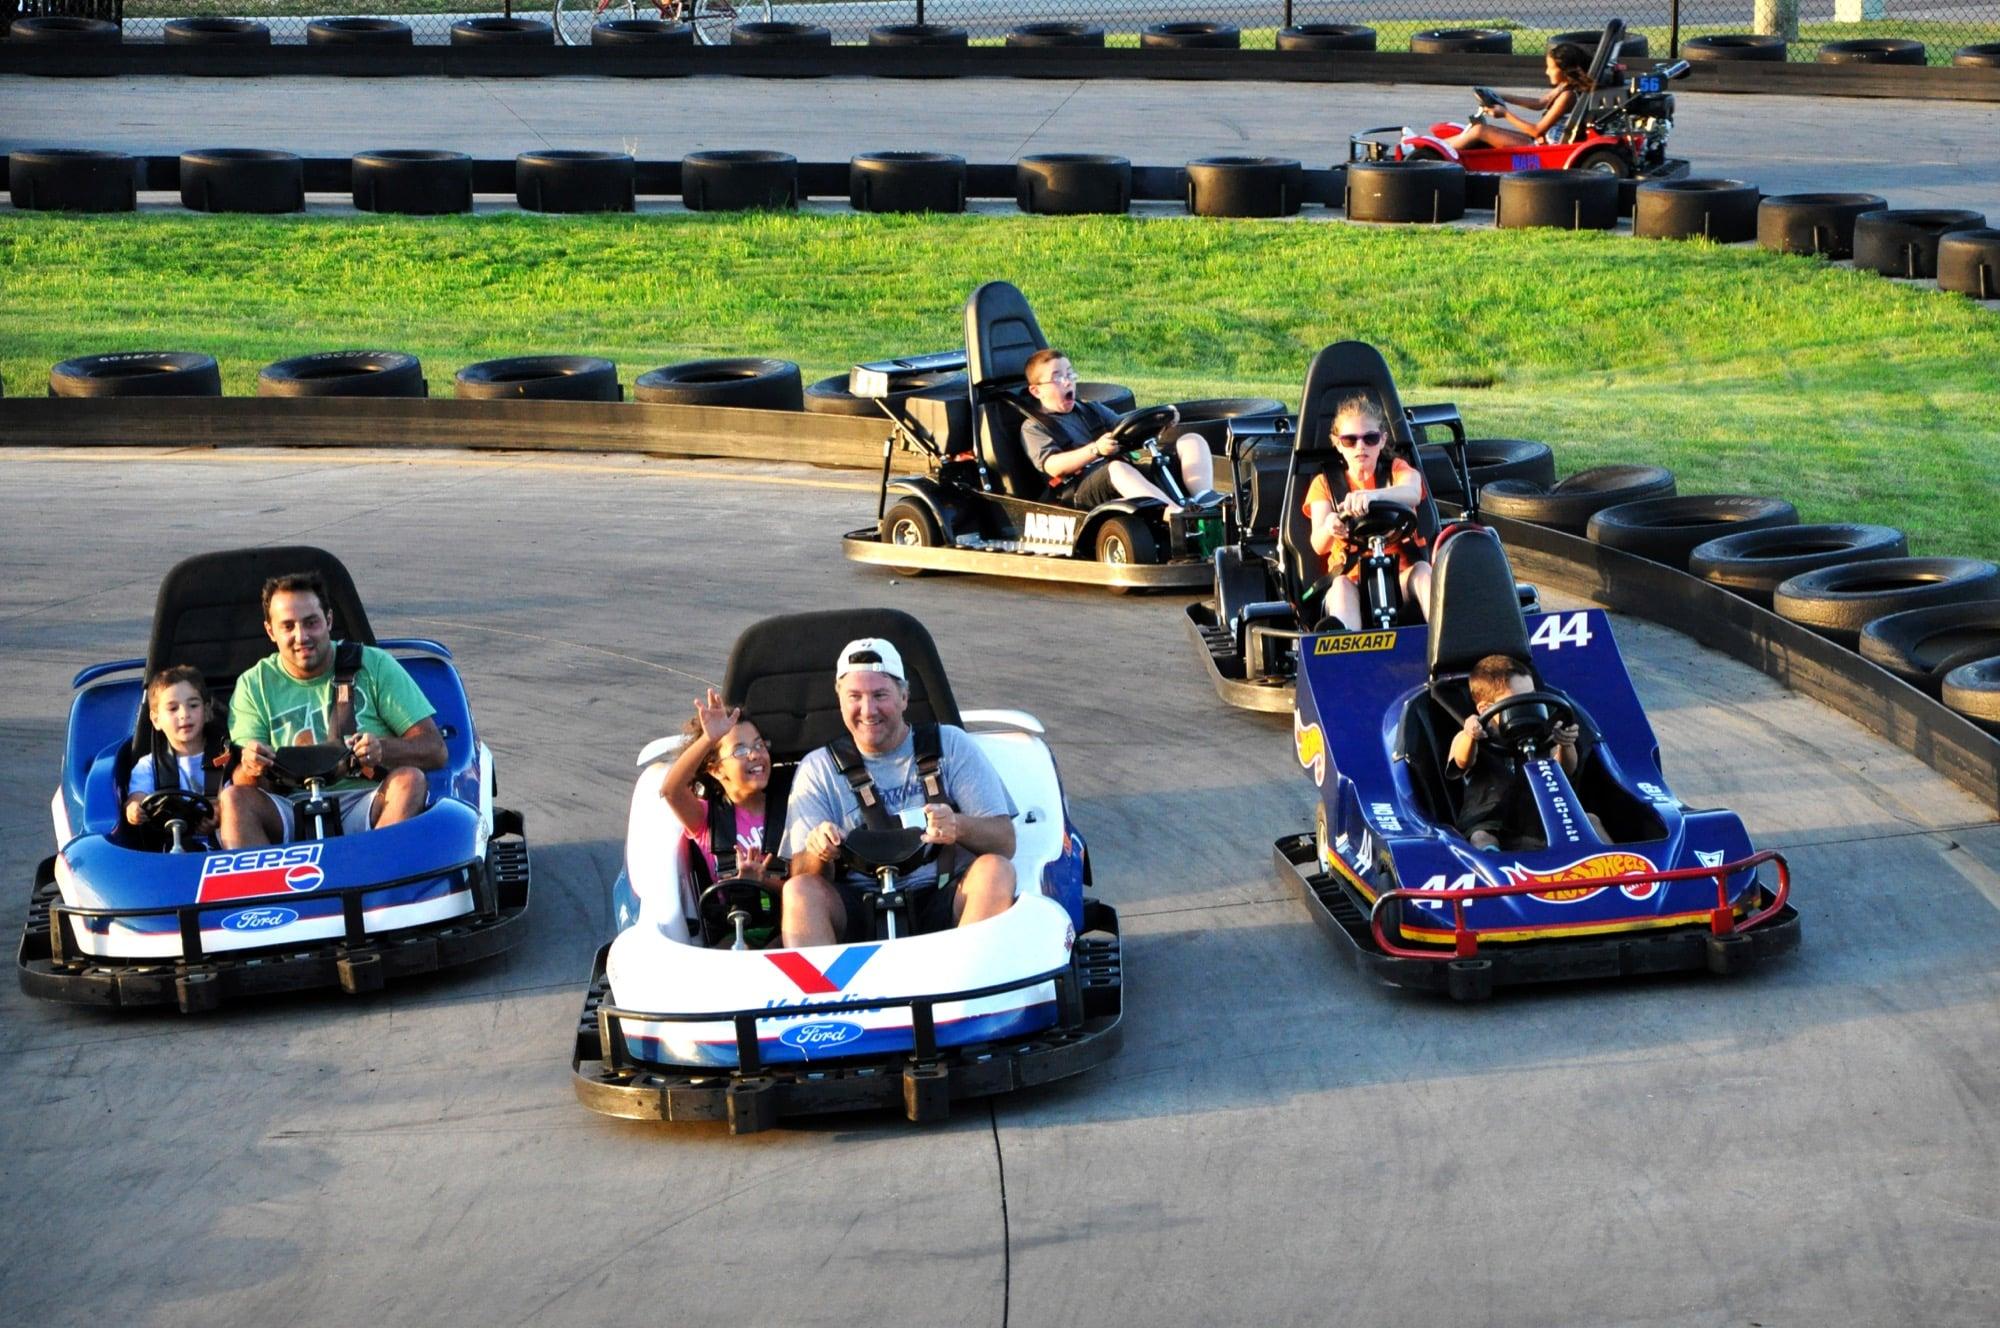 craigs cruisers family fun center norton shores